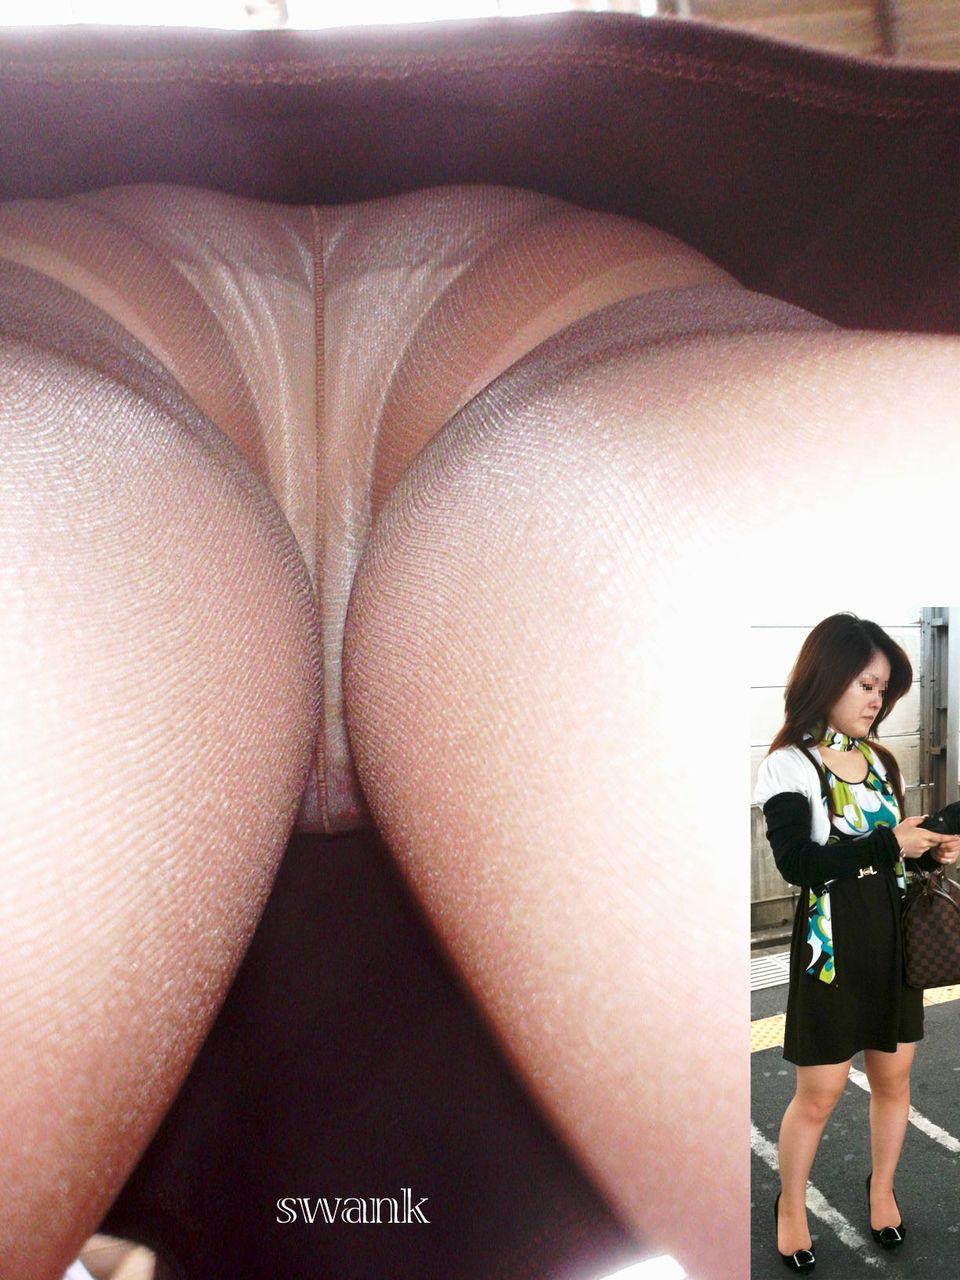 パンスト履いたお姉さんたちの気になるスカートの中のパンチラ画像 6104